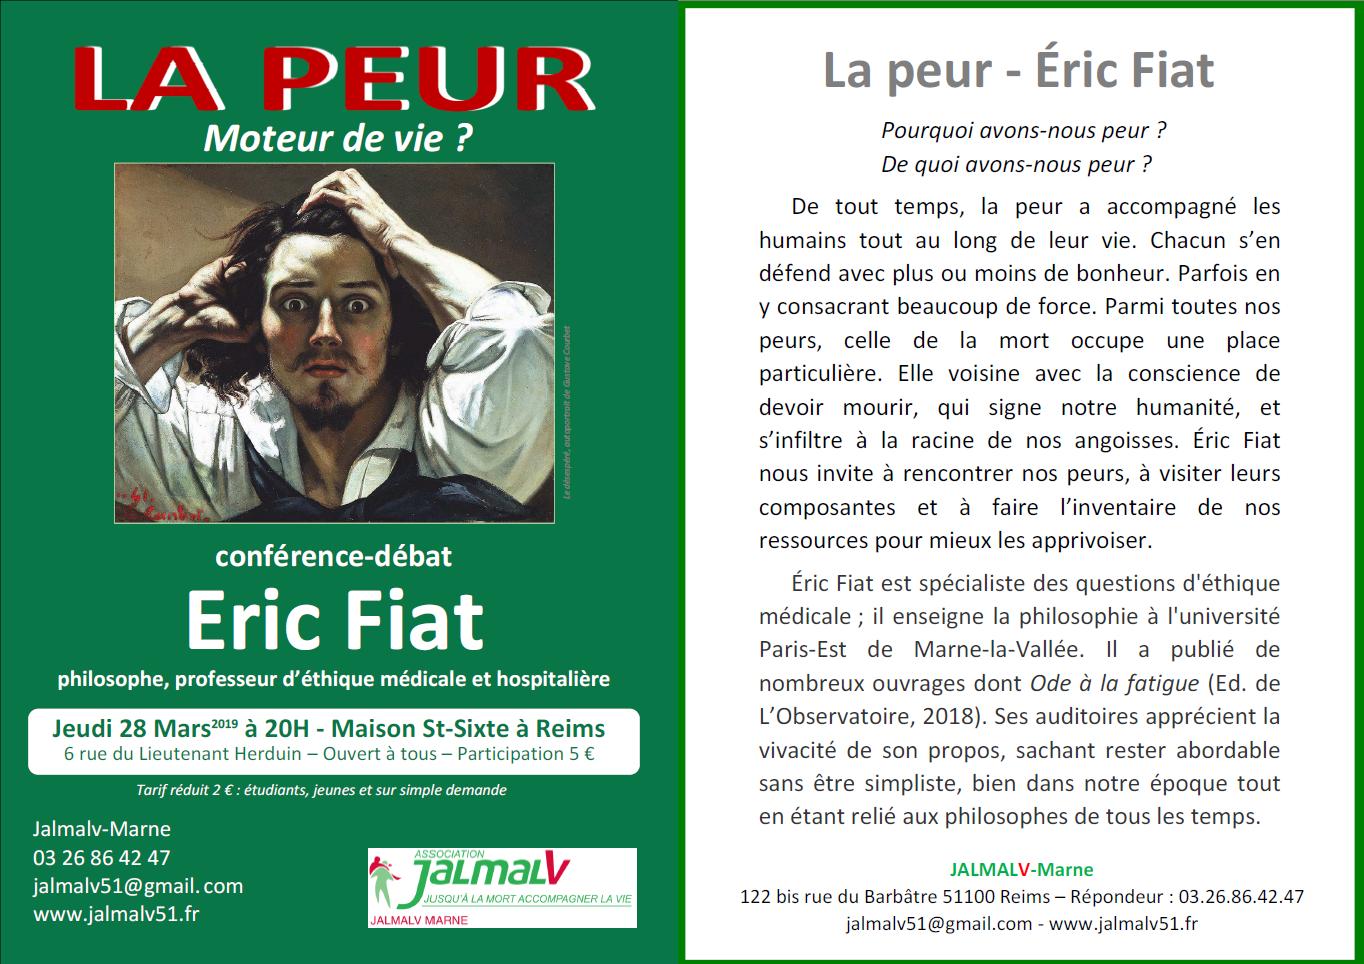 La peur, moteur de vie? Conférence le 28 mars 2019 à Reims (51)